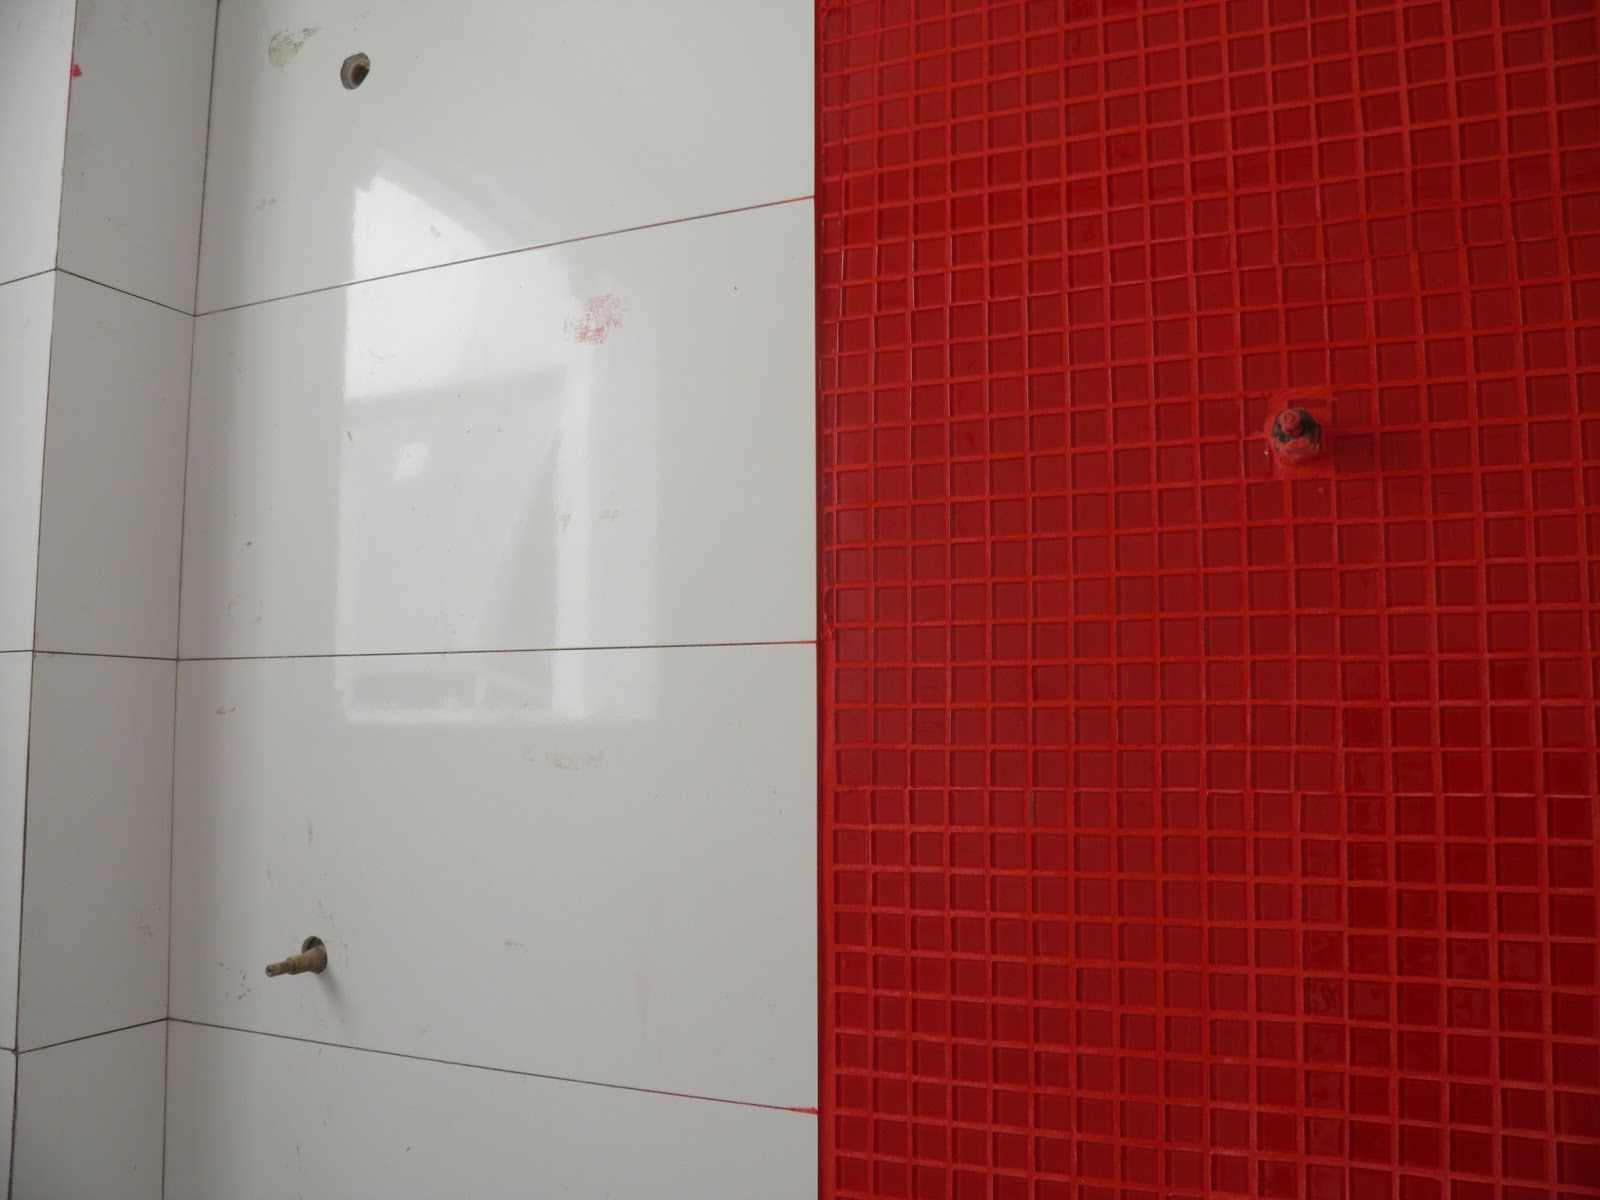 Meu coração é vermelho / Hei! Hei! Hei! / De vermelho vive o  #800F0F 1600x1200 Banheiro Com Pastilha Vermelho